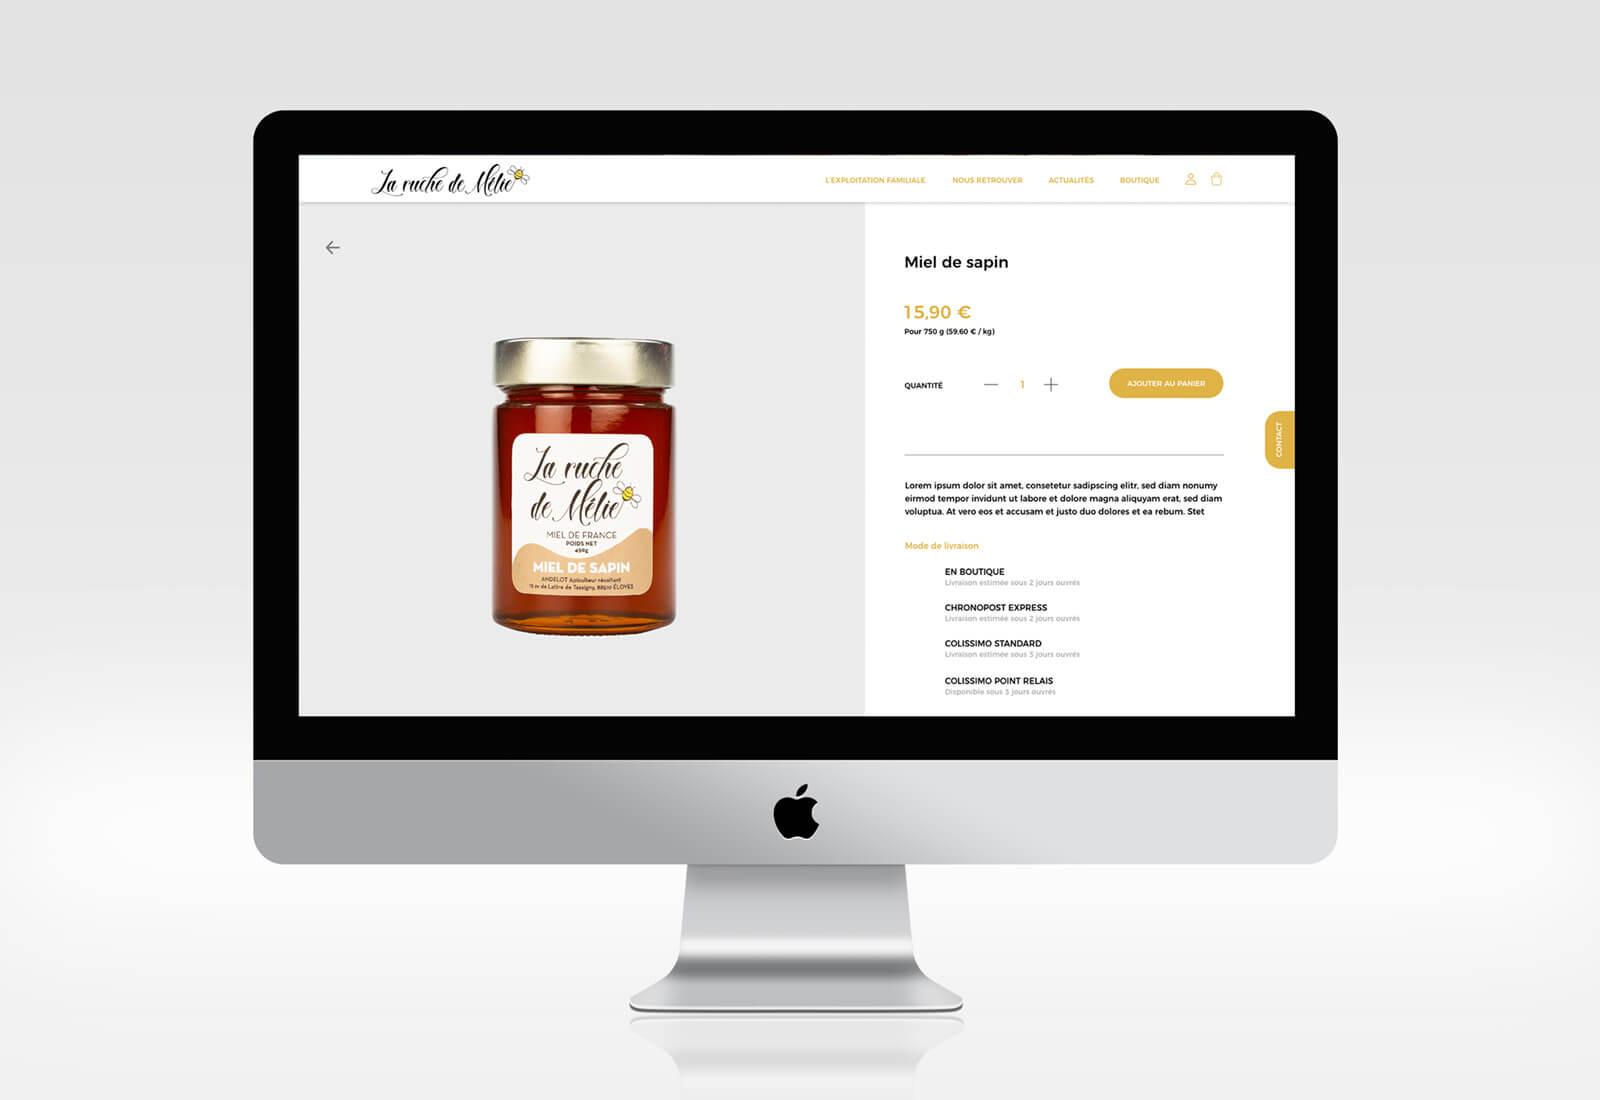 Josselin tourette – miel -ruche – melie – site-internet – 2